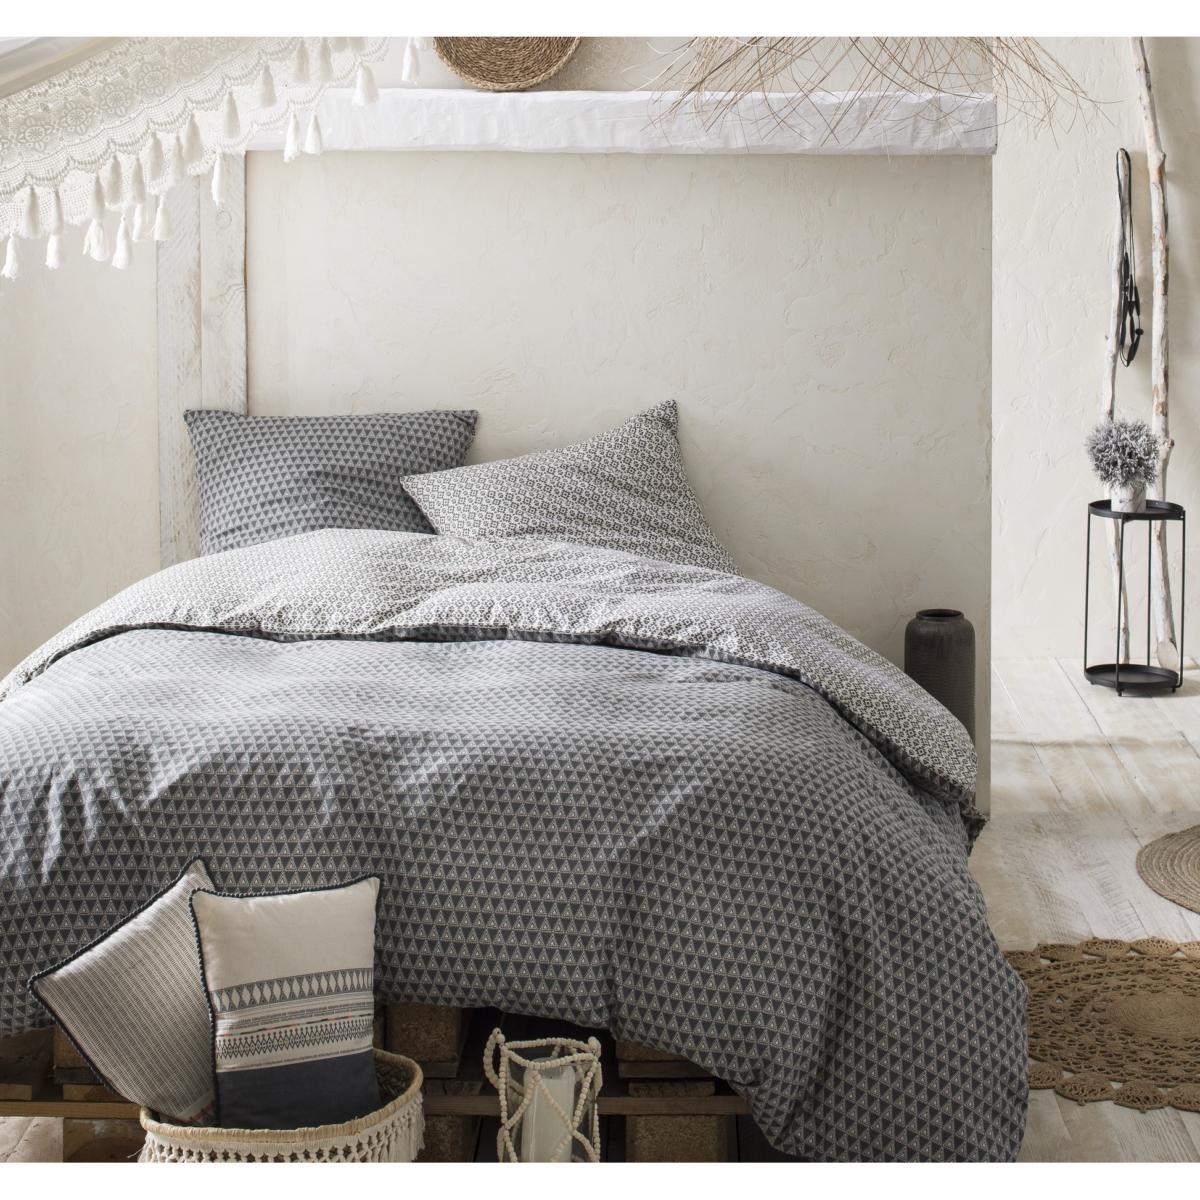 parure housse de couette kilim hippie chic grise r versible 100 coton 57 fils j k markets. Black Bedroom Furniture Sets. Home Design Ideas